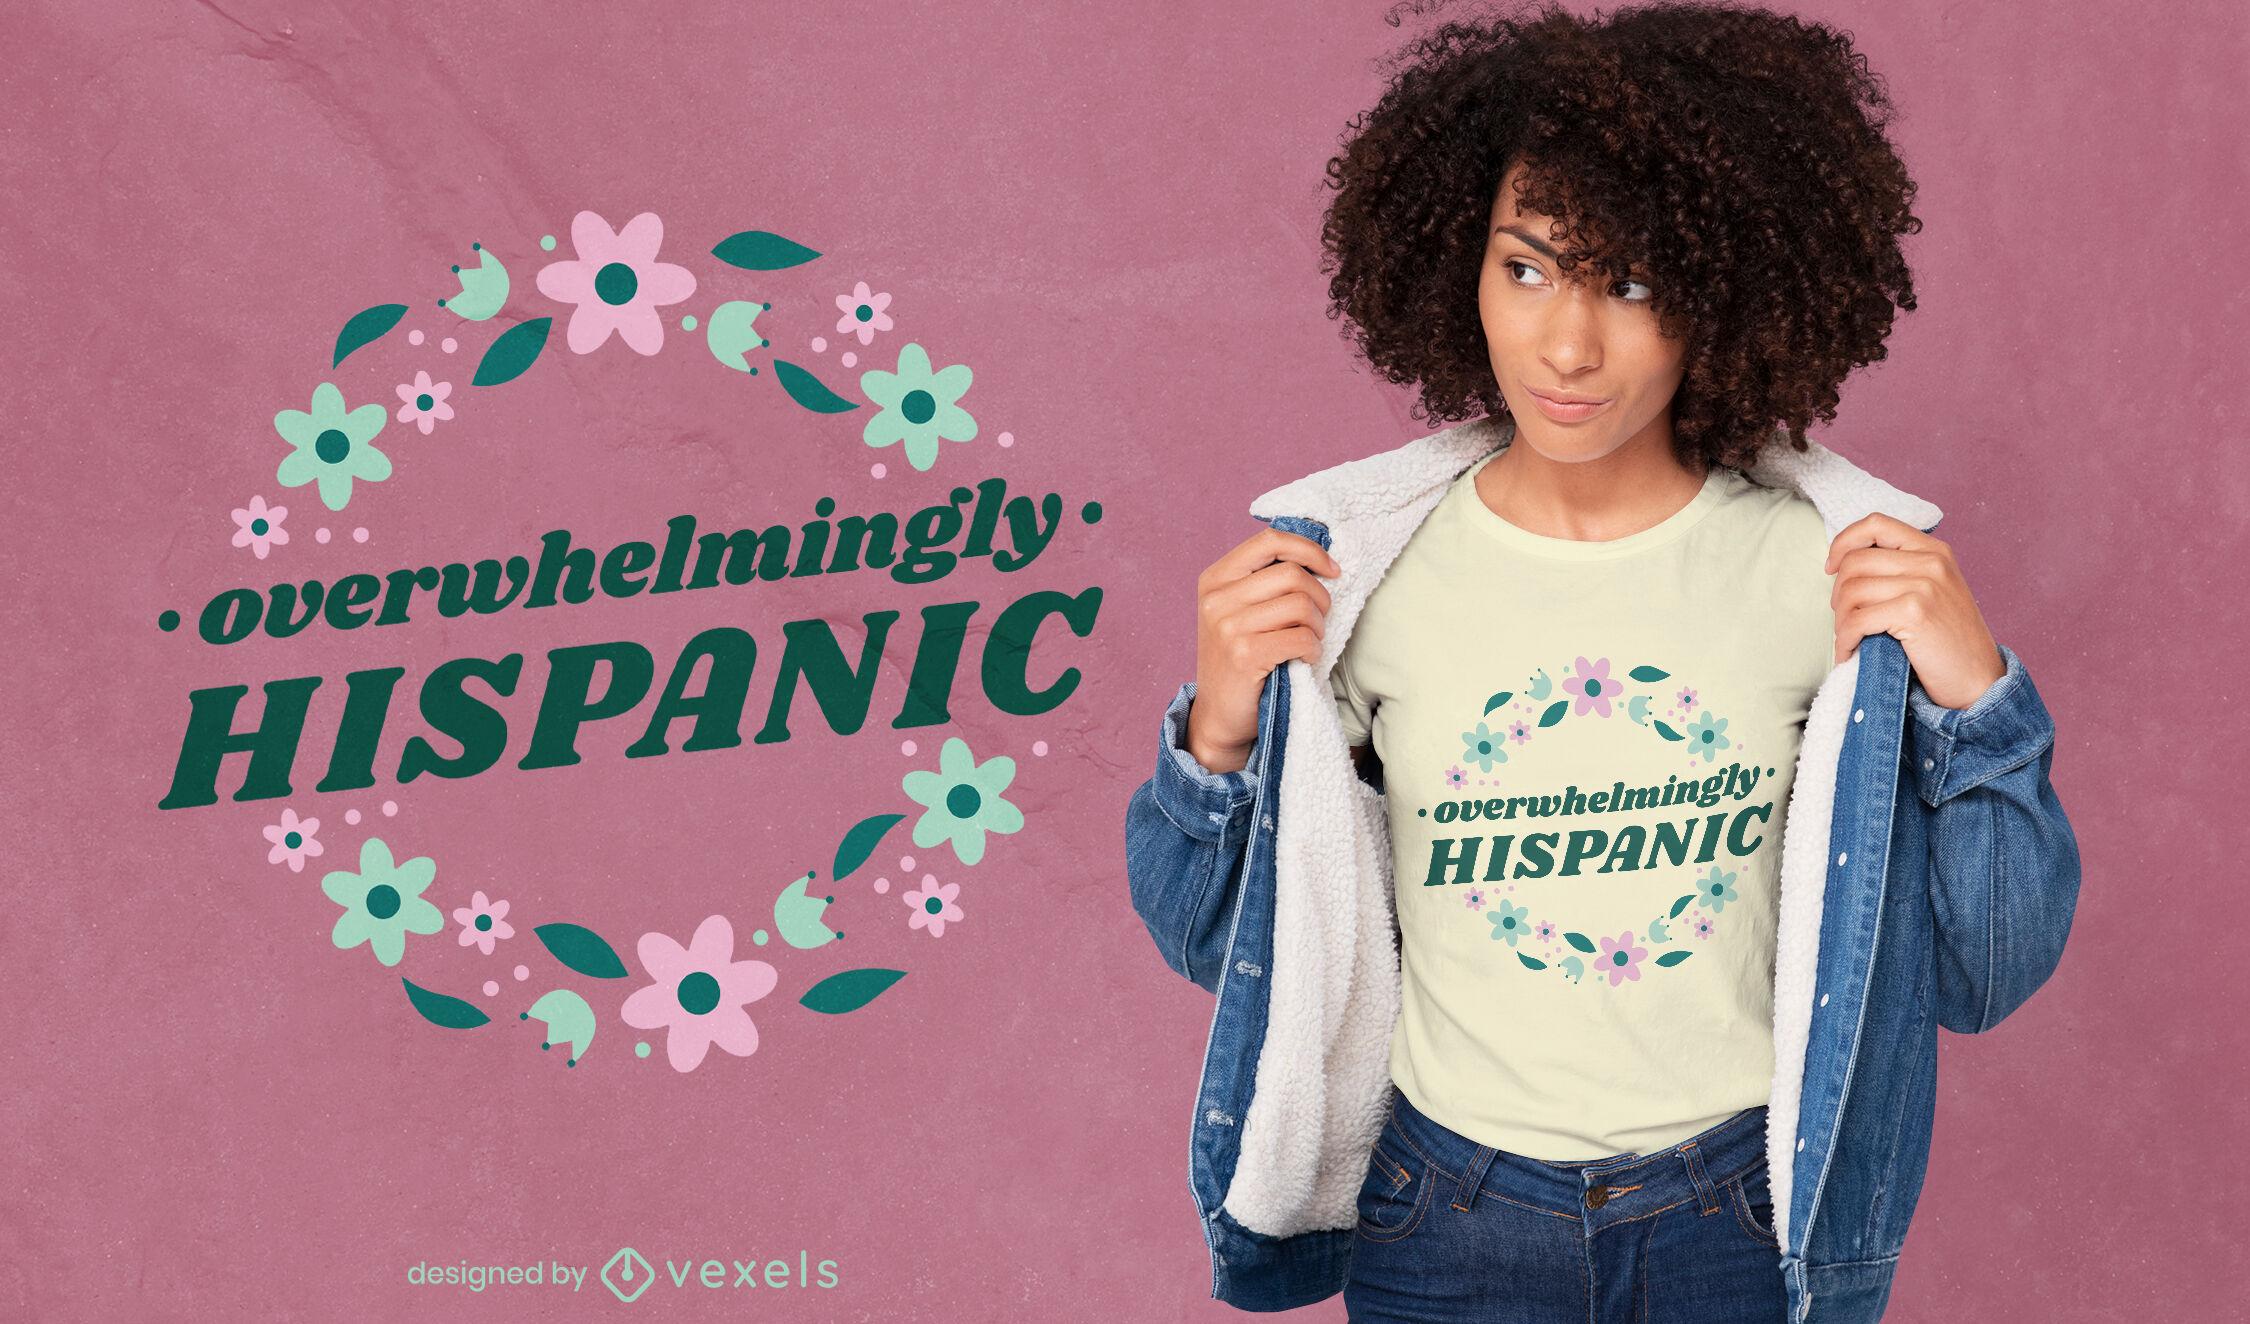 Hispanic culture floral t-shirt design